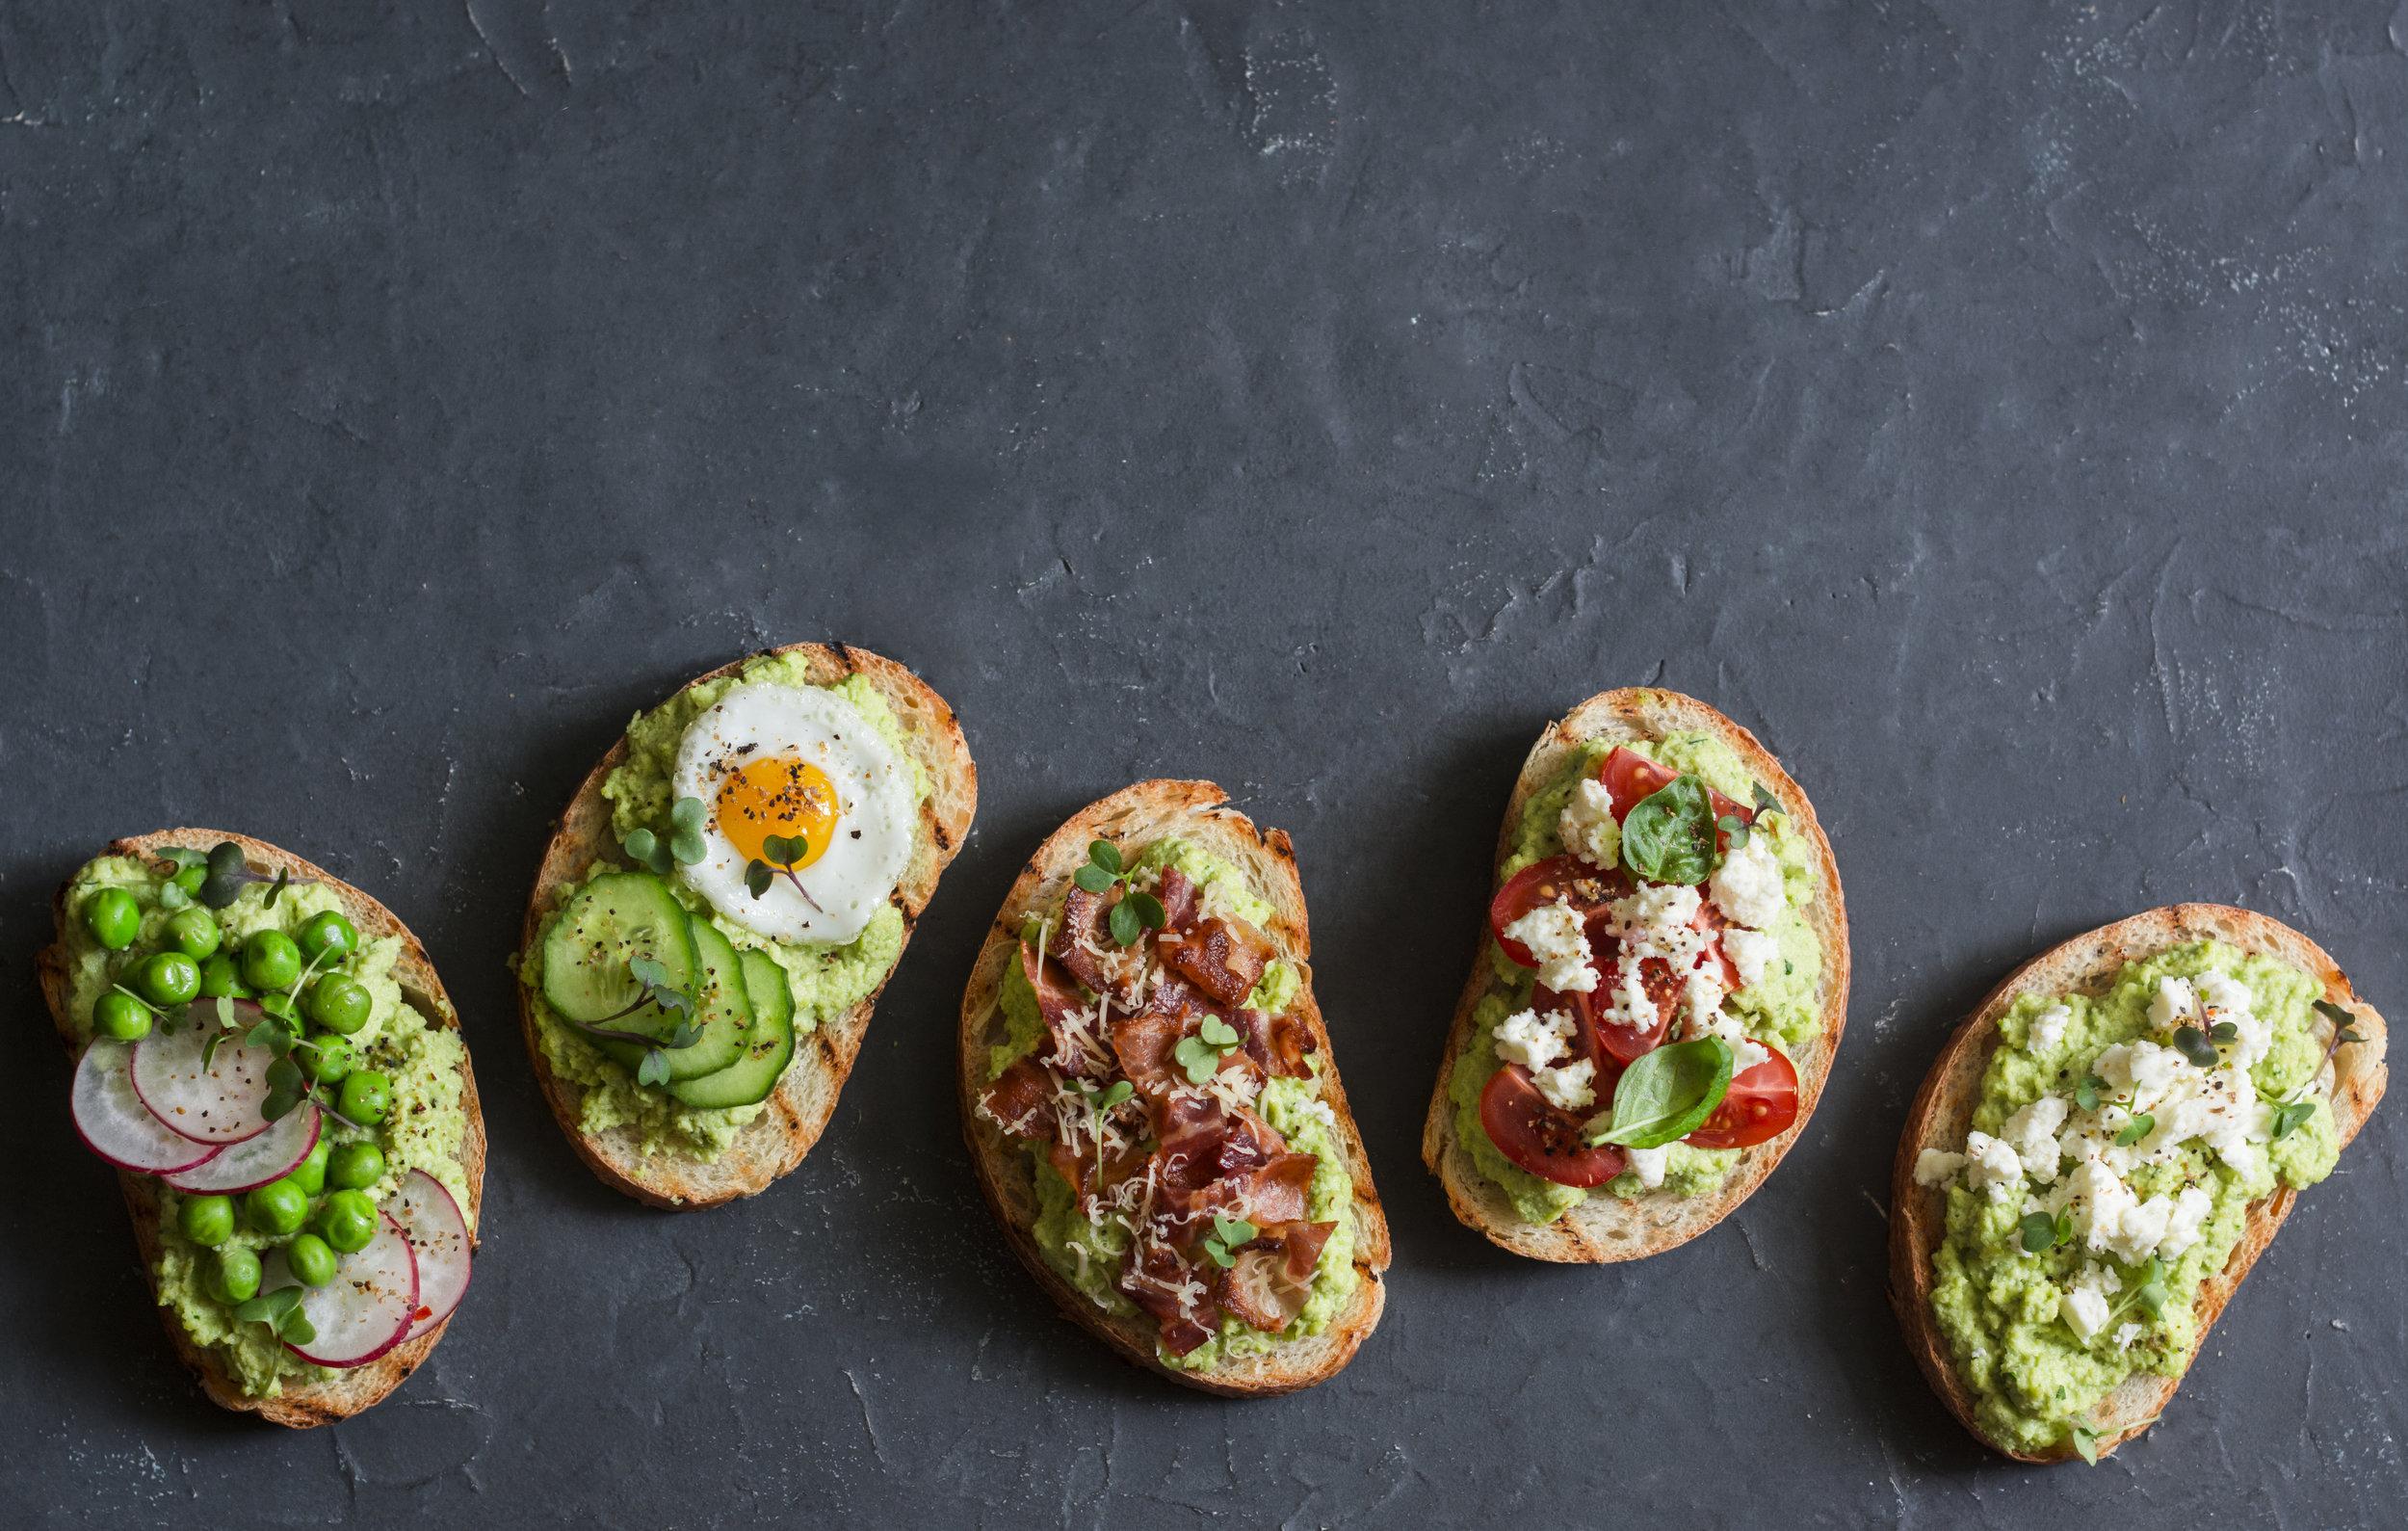 Avocado toast - so many options